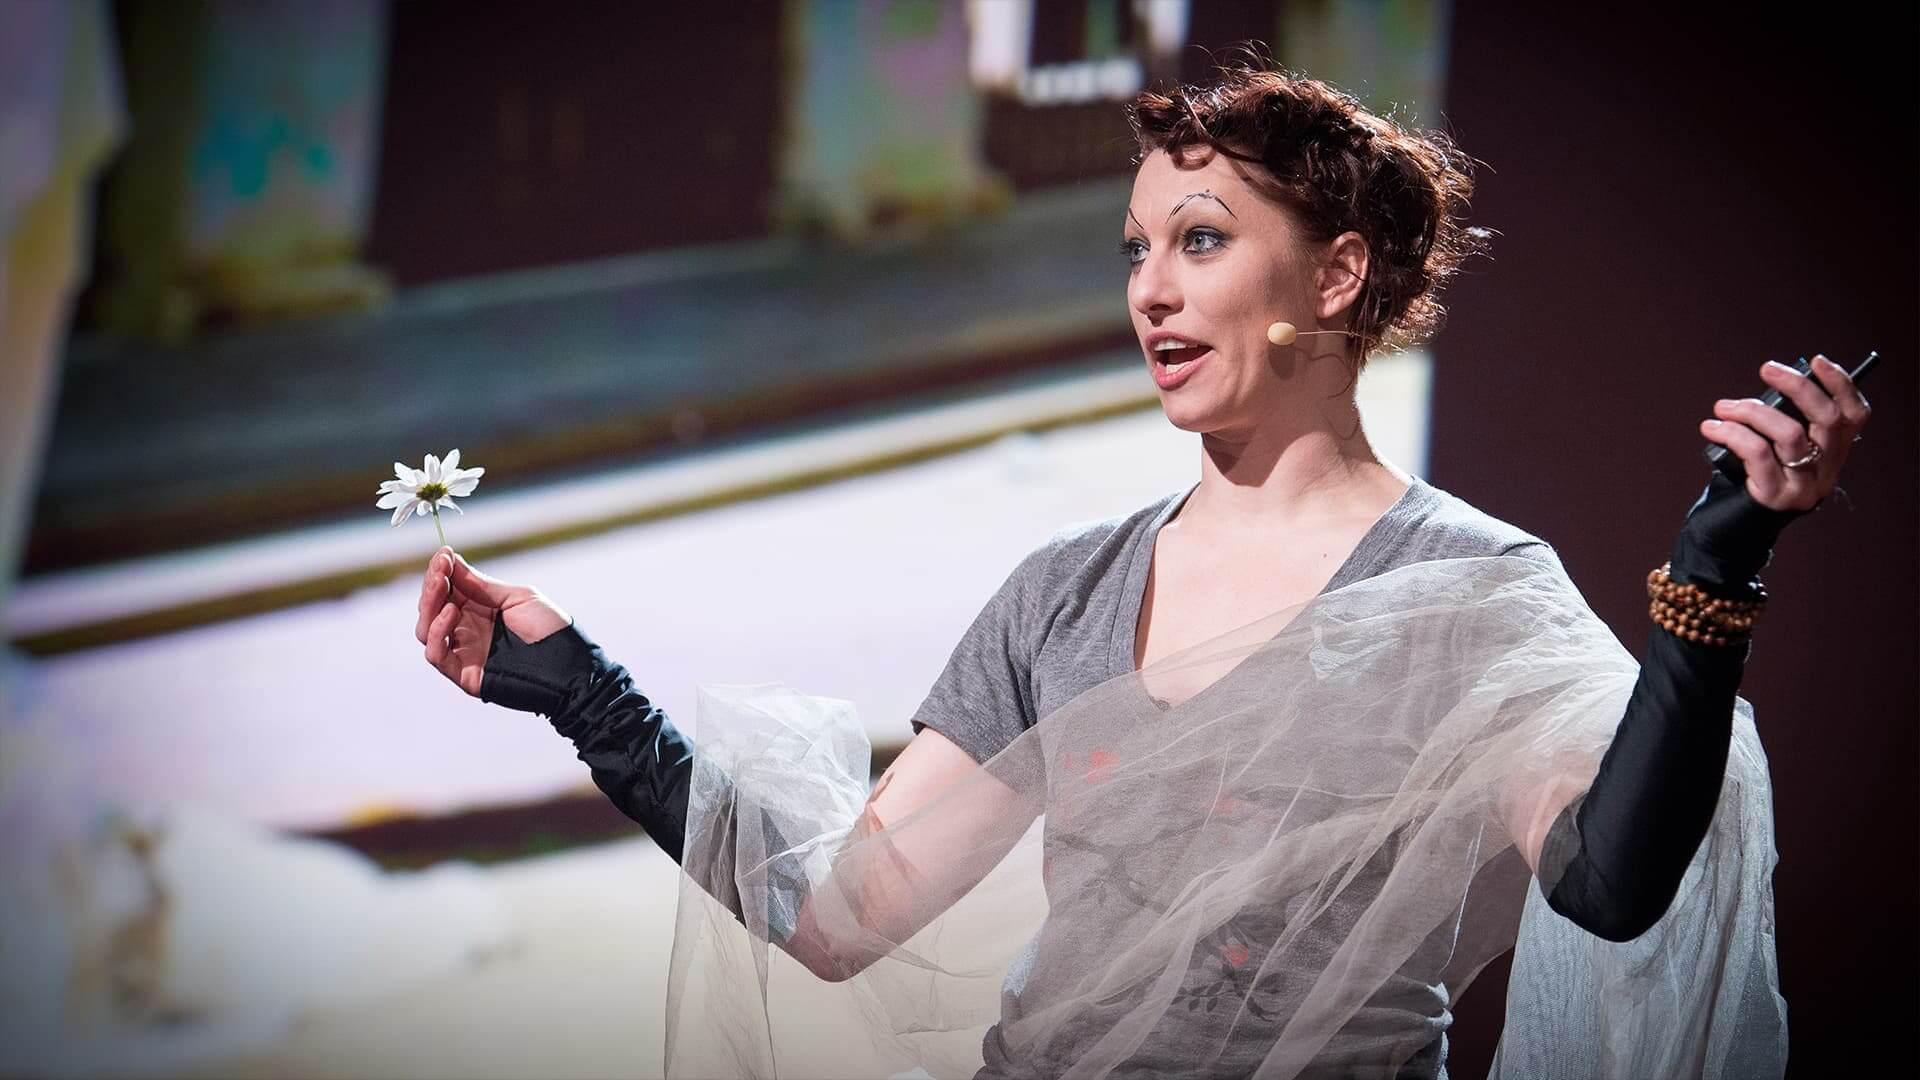 הרצאות מעוררות השראה מס' 9: אמנדה פאלמר- על אומנות הבקשה לעזרה